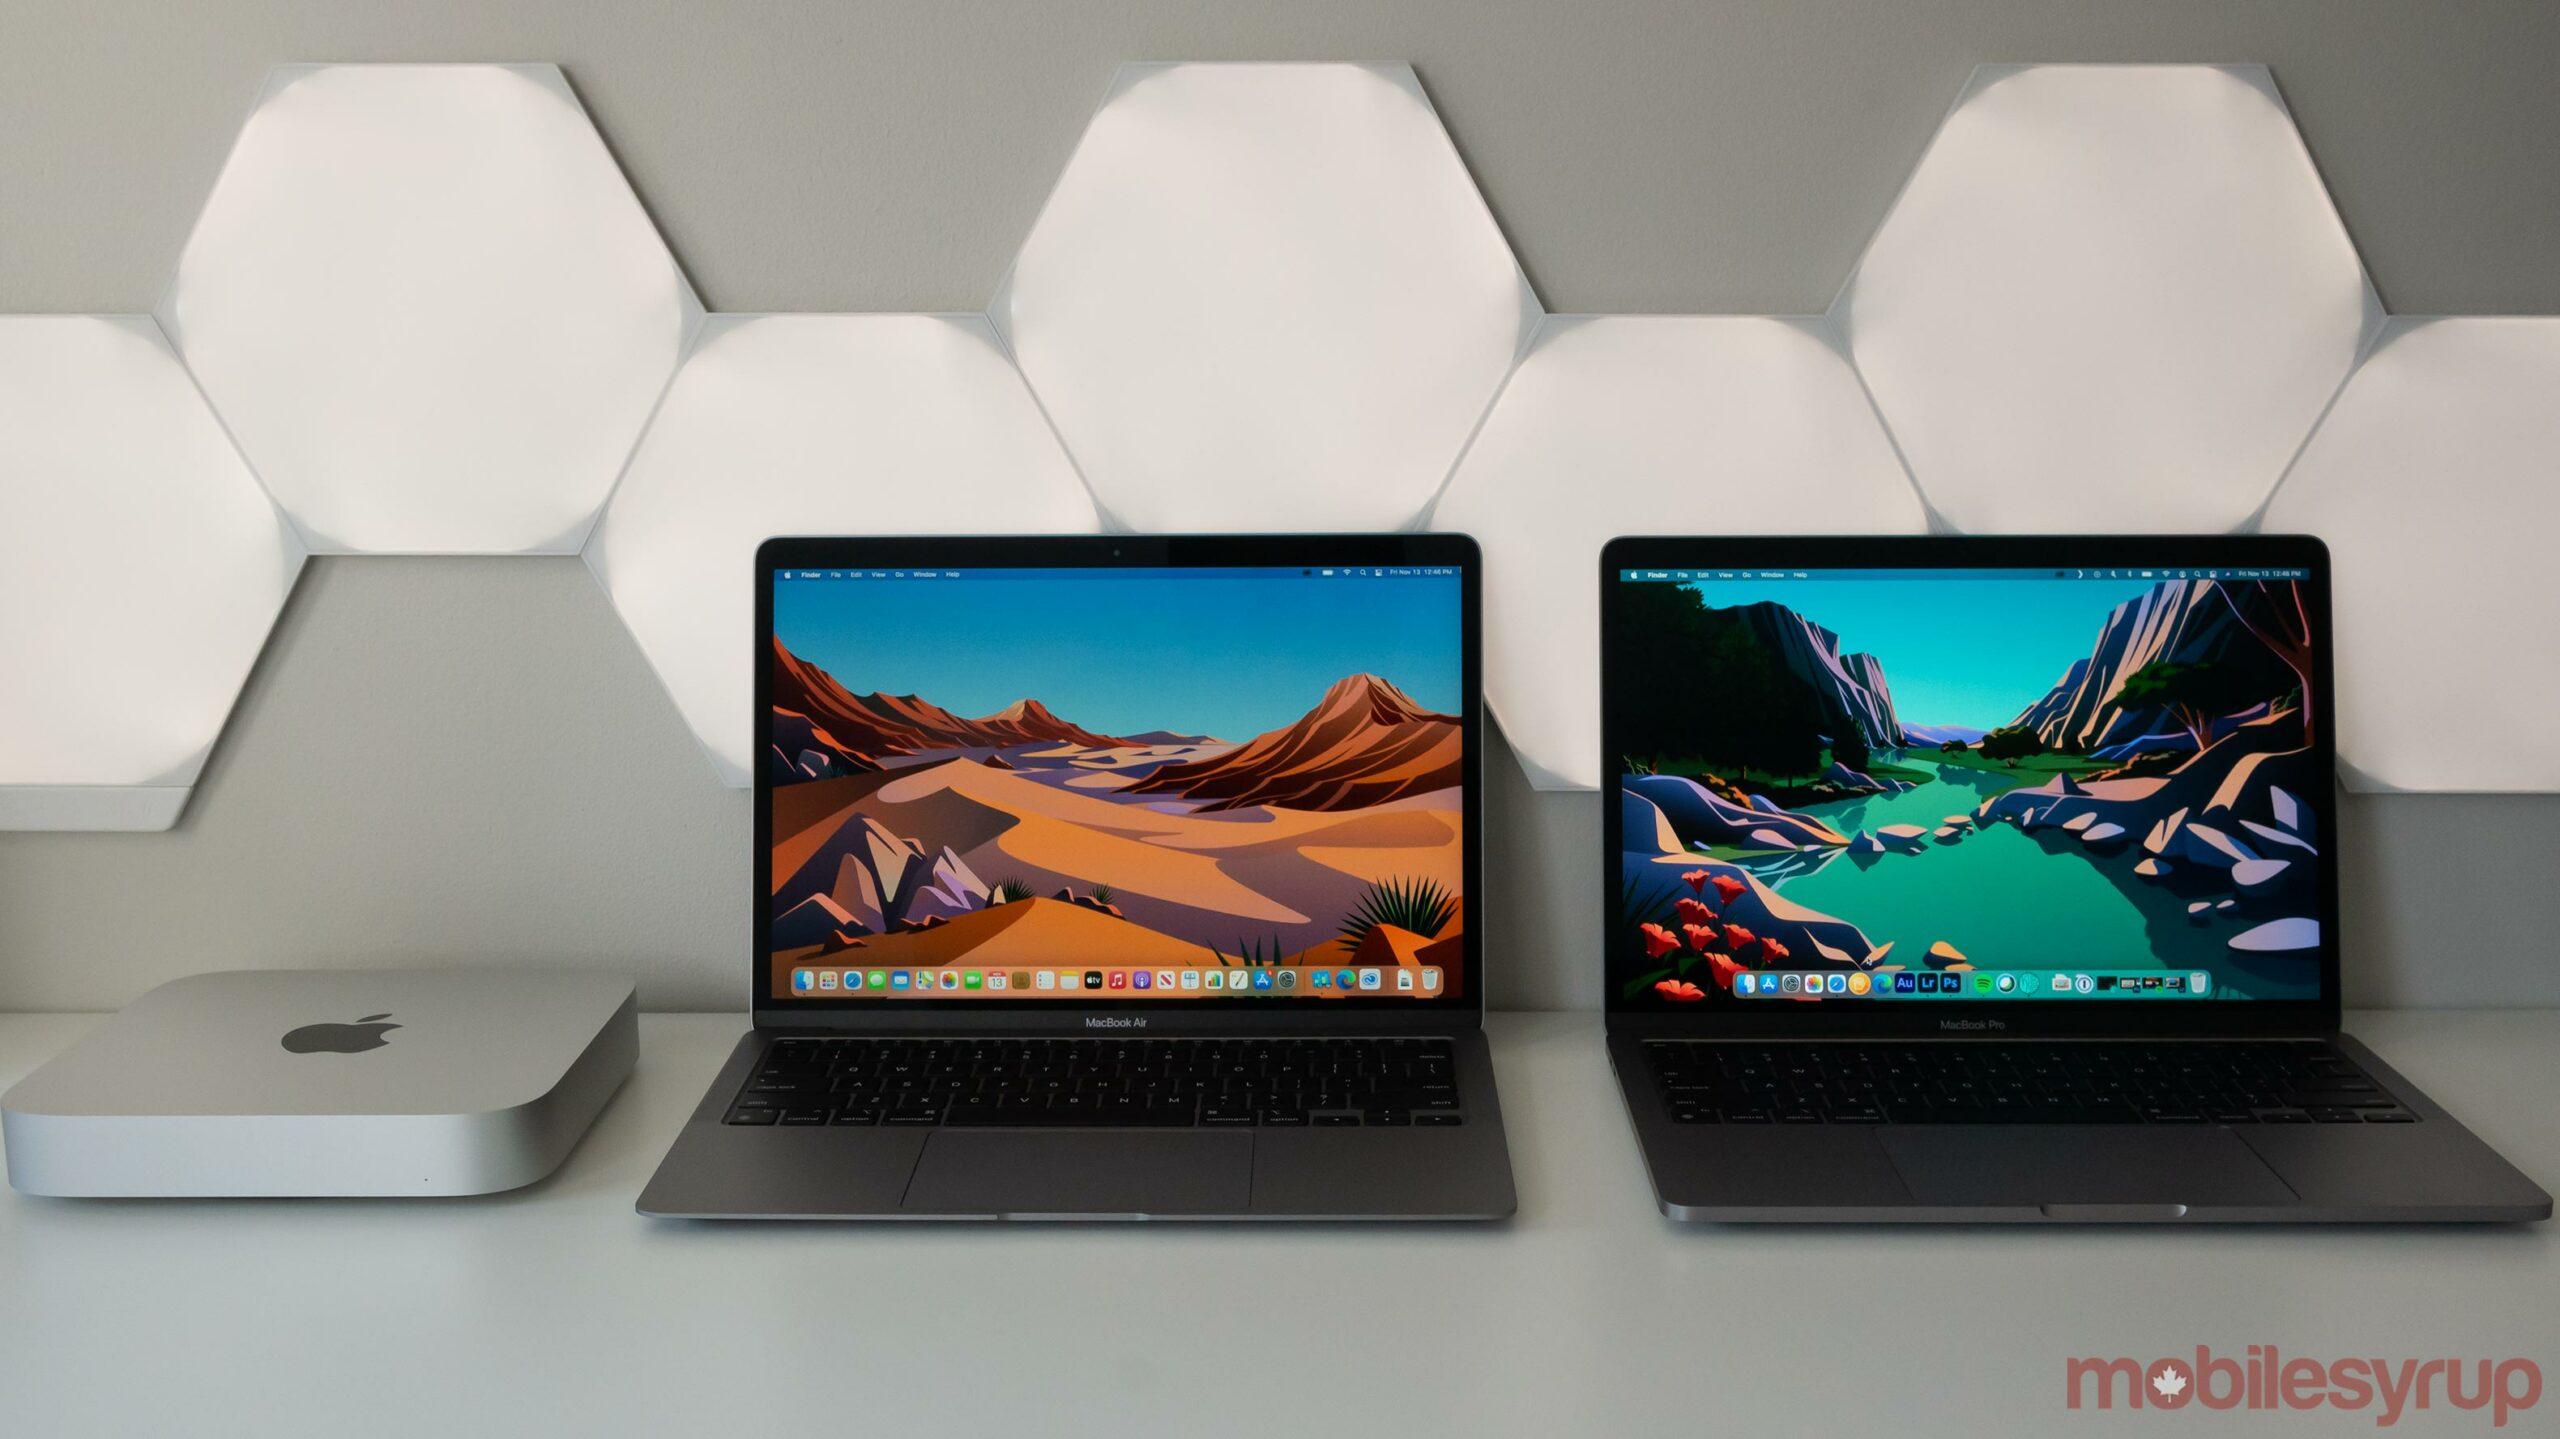 M1 Mac mini, MacBook Pro and MacBook Air